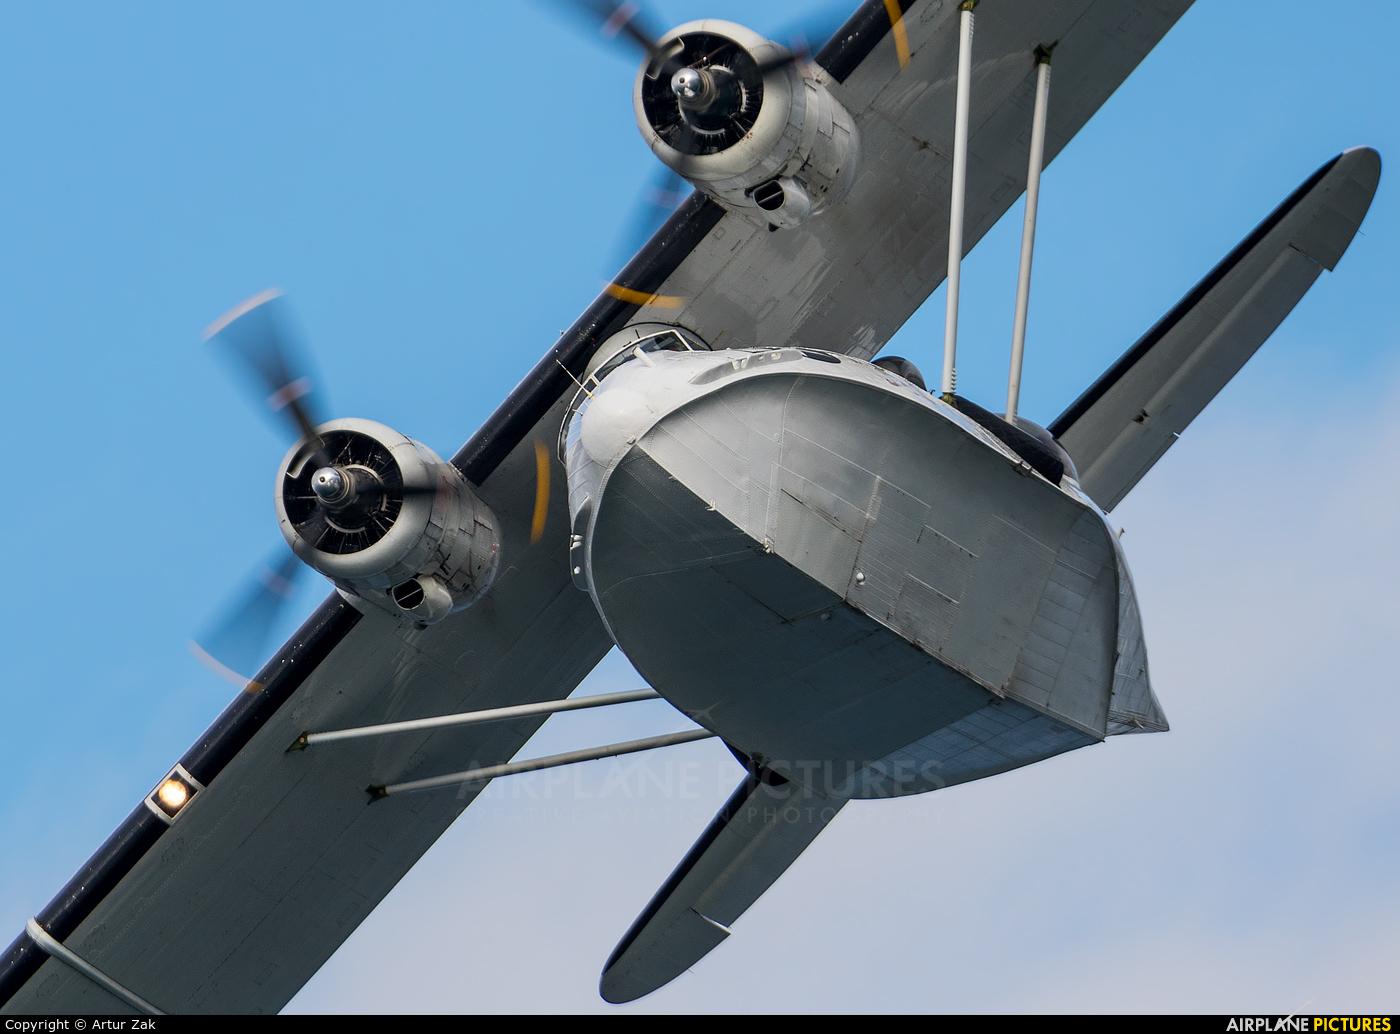 Catalina Aircraft G-PBYA aircraft at Portrush - Off Airport